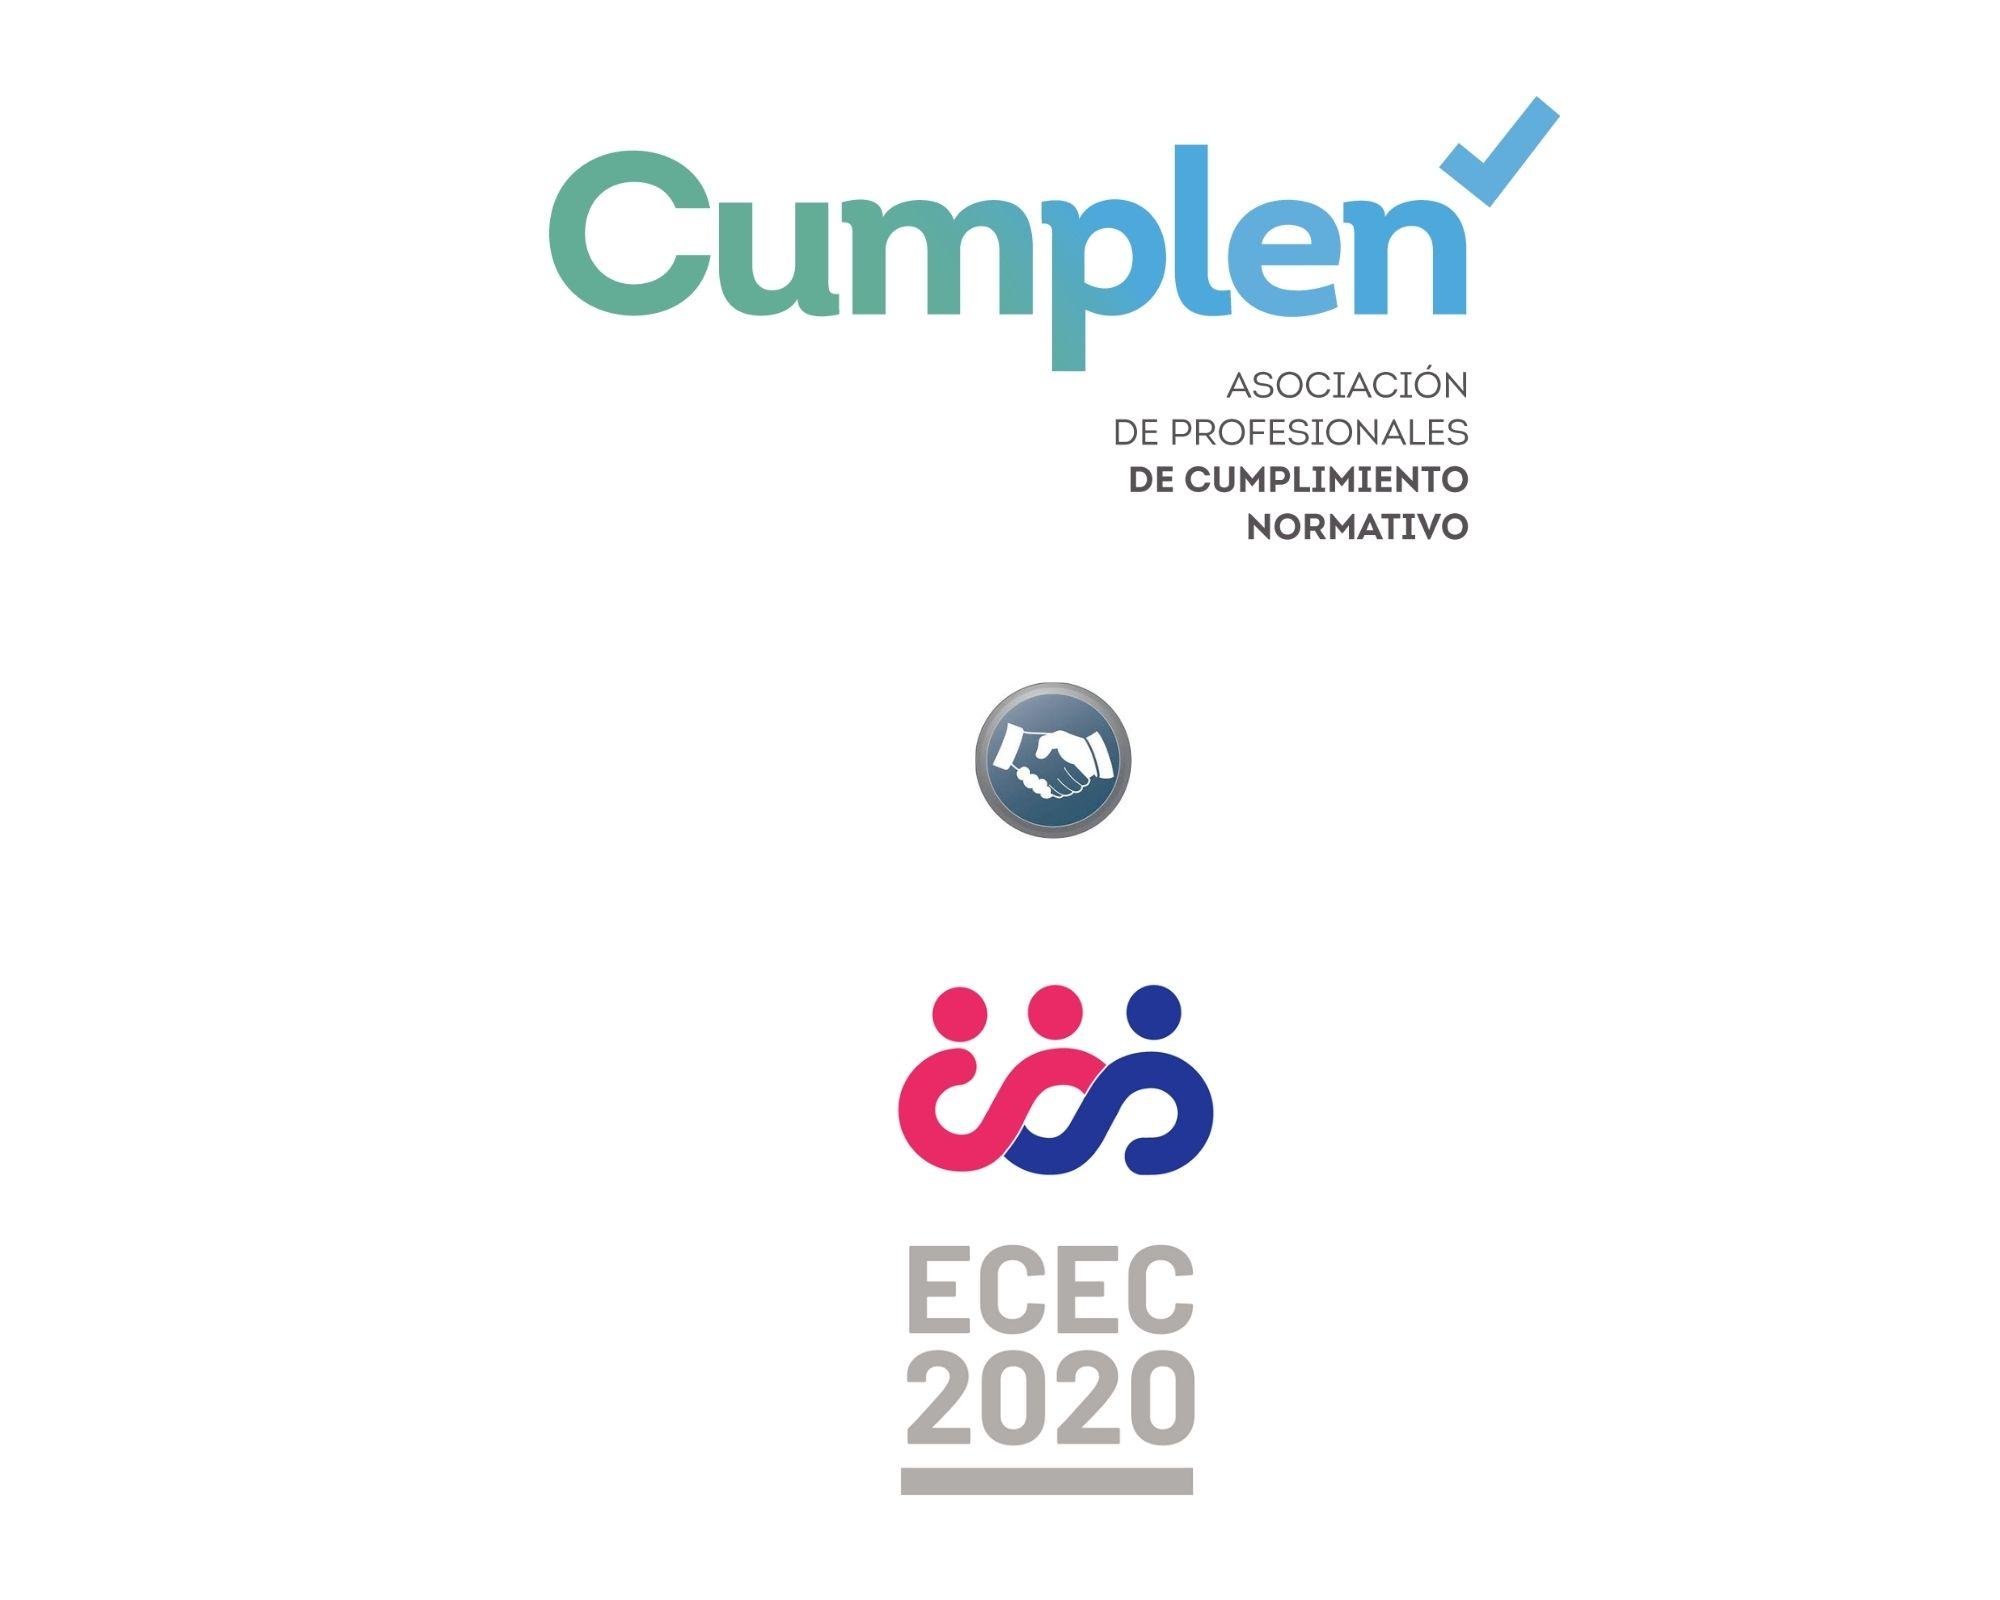 Cumplen apoya la ECEC Conference 2020 - 06 de octubre